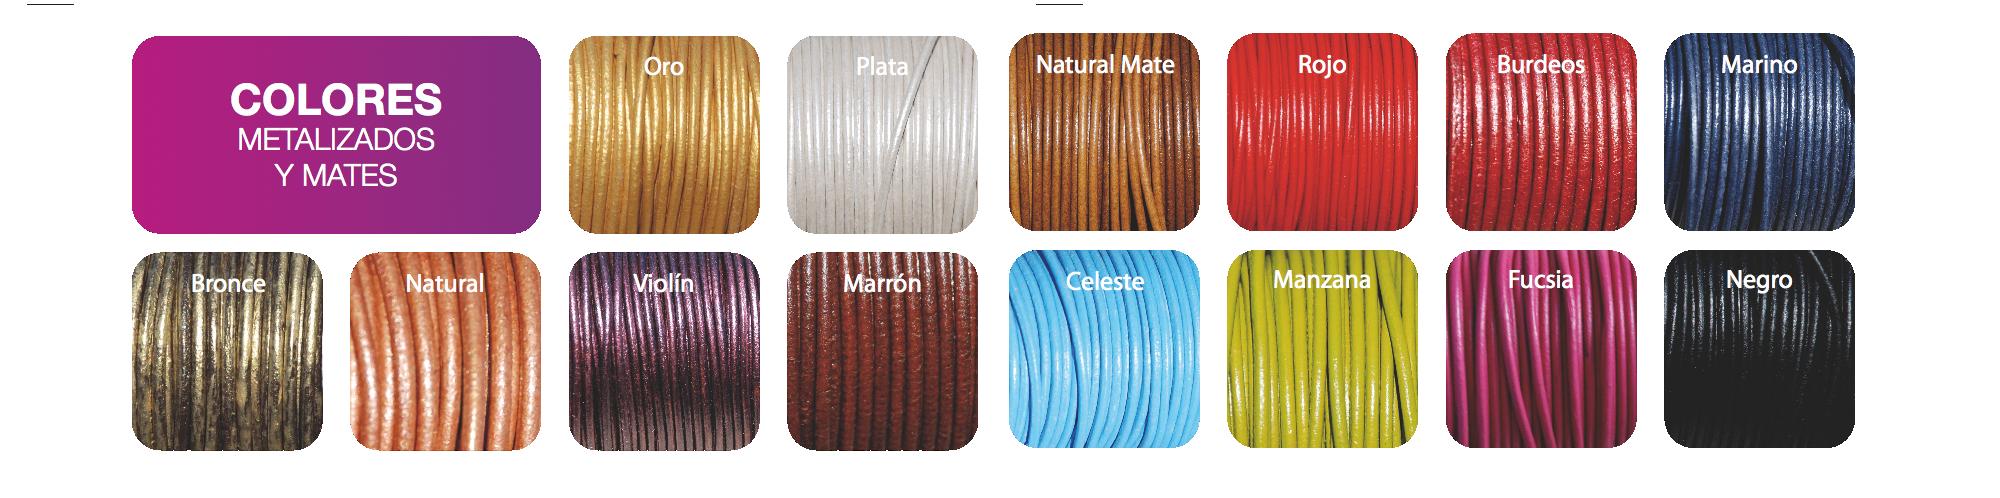 pulsera small family classic color